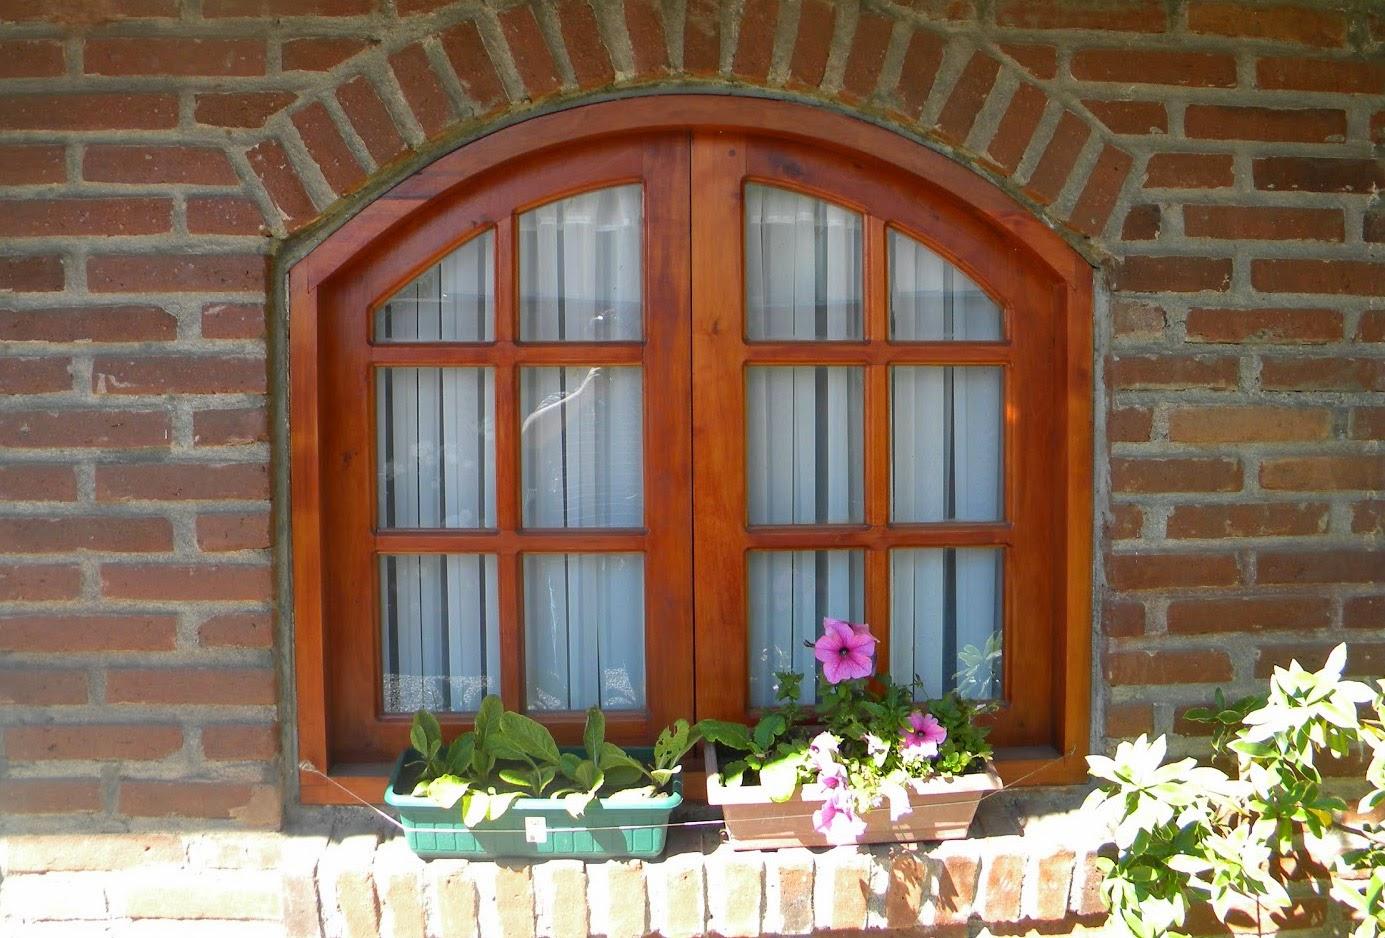 Ventanas y ventanales - GCD Carpintería - 661 227 763 - Benetússer ...